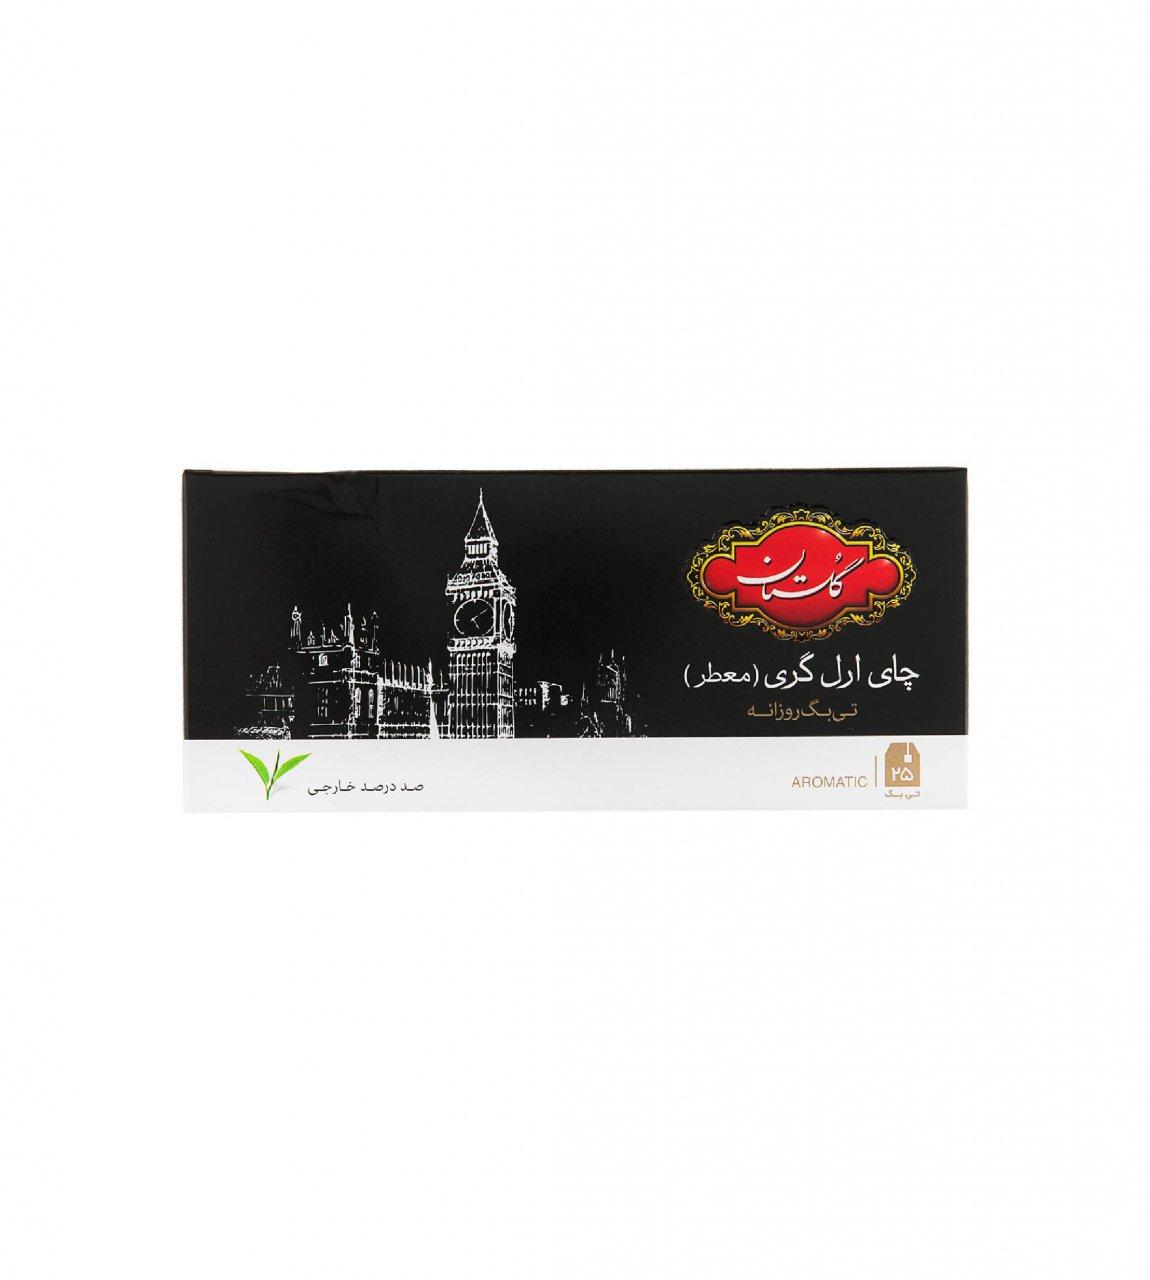 چای ارل گری (معطر) کیسه ای 25 عددی گلستان